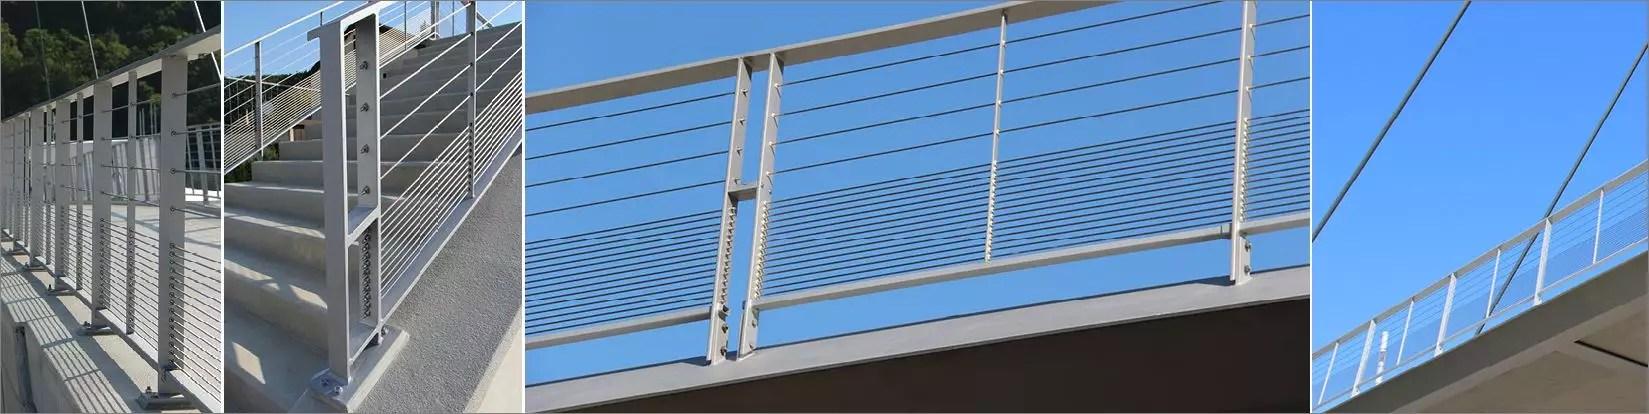 balustrades-met-spankabels